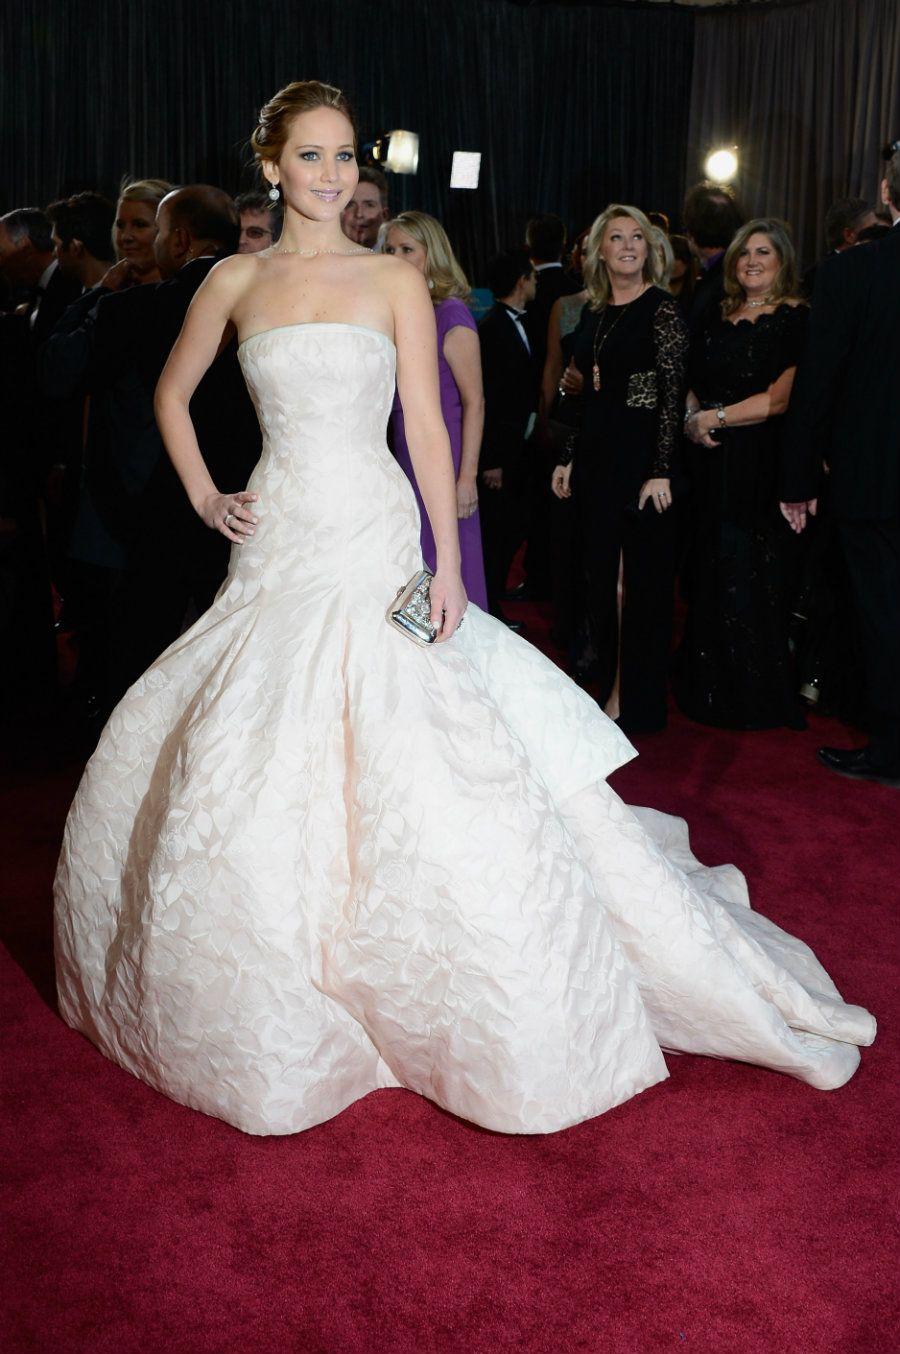 Vestidos de fiesta alta costura de Christian Dior | Christian dior ...